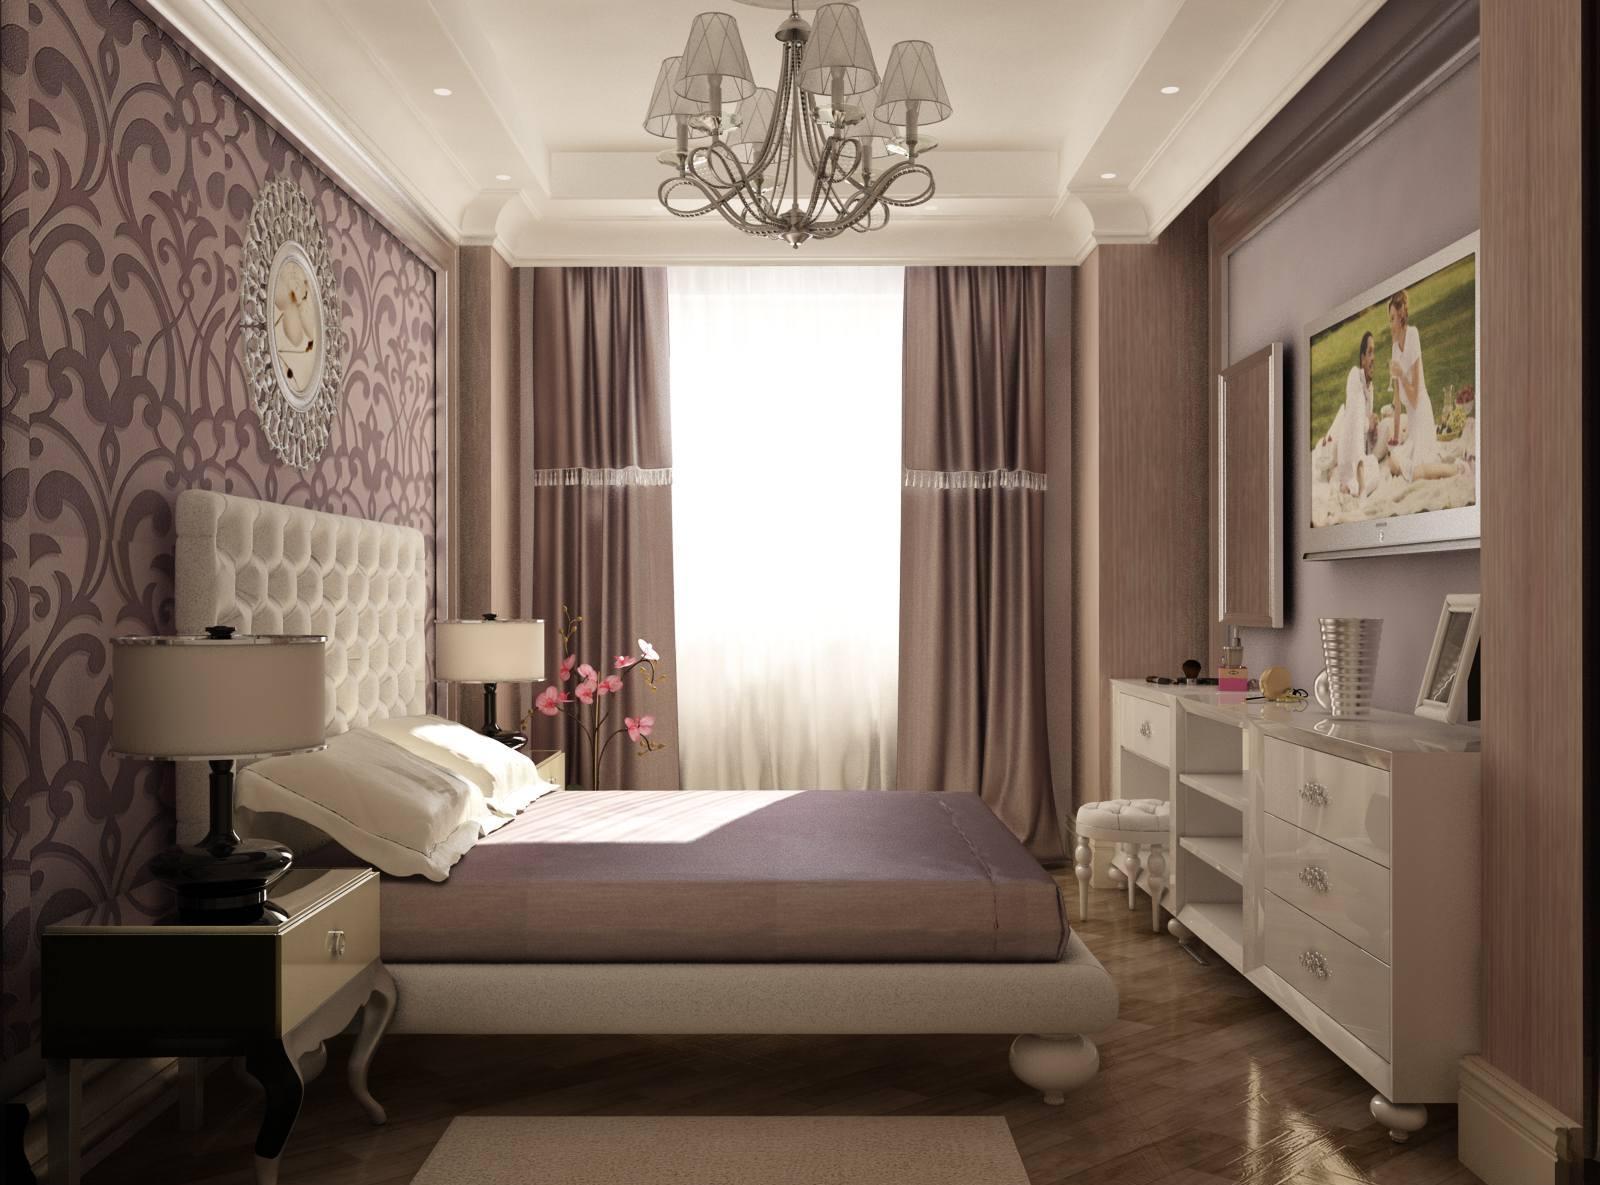 Сиренево-белый интерьер небольшой спальни